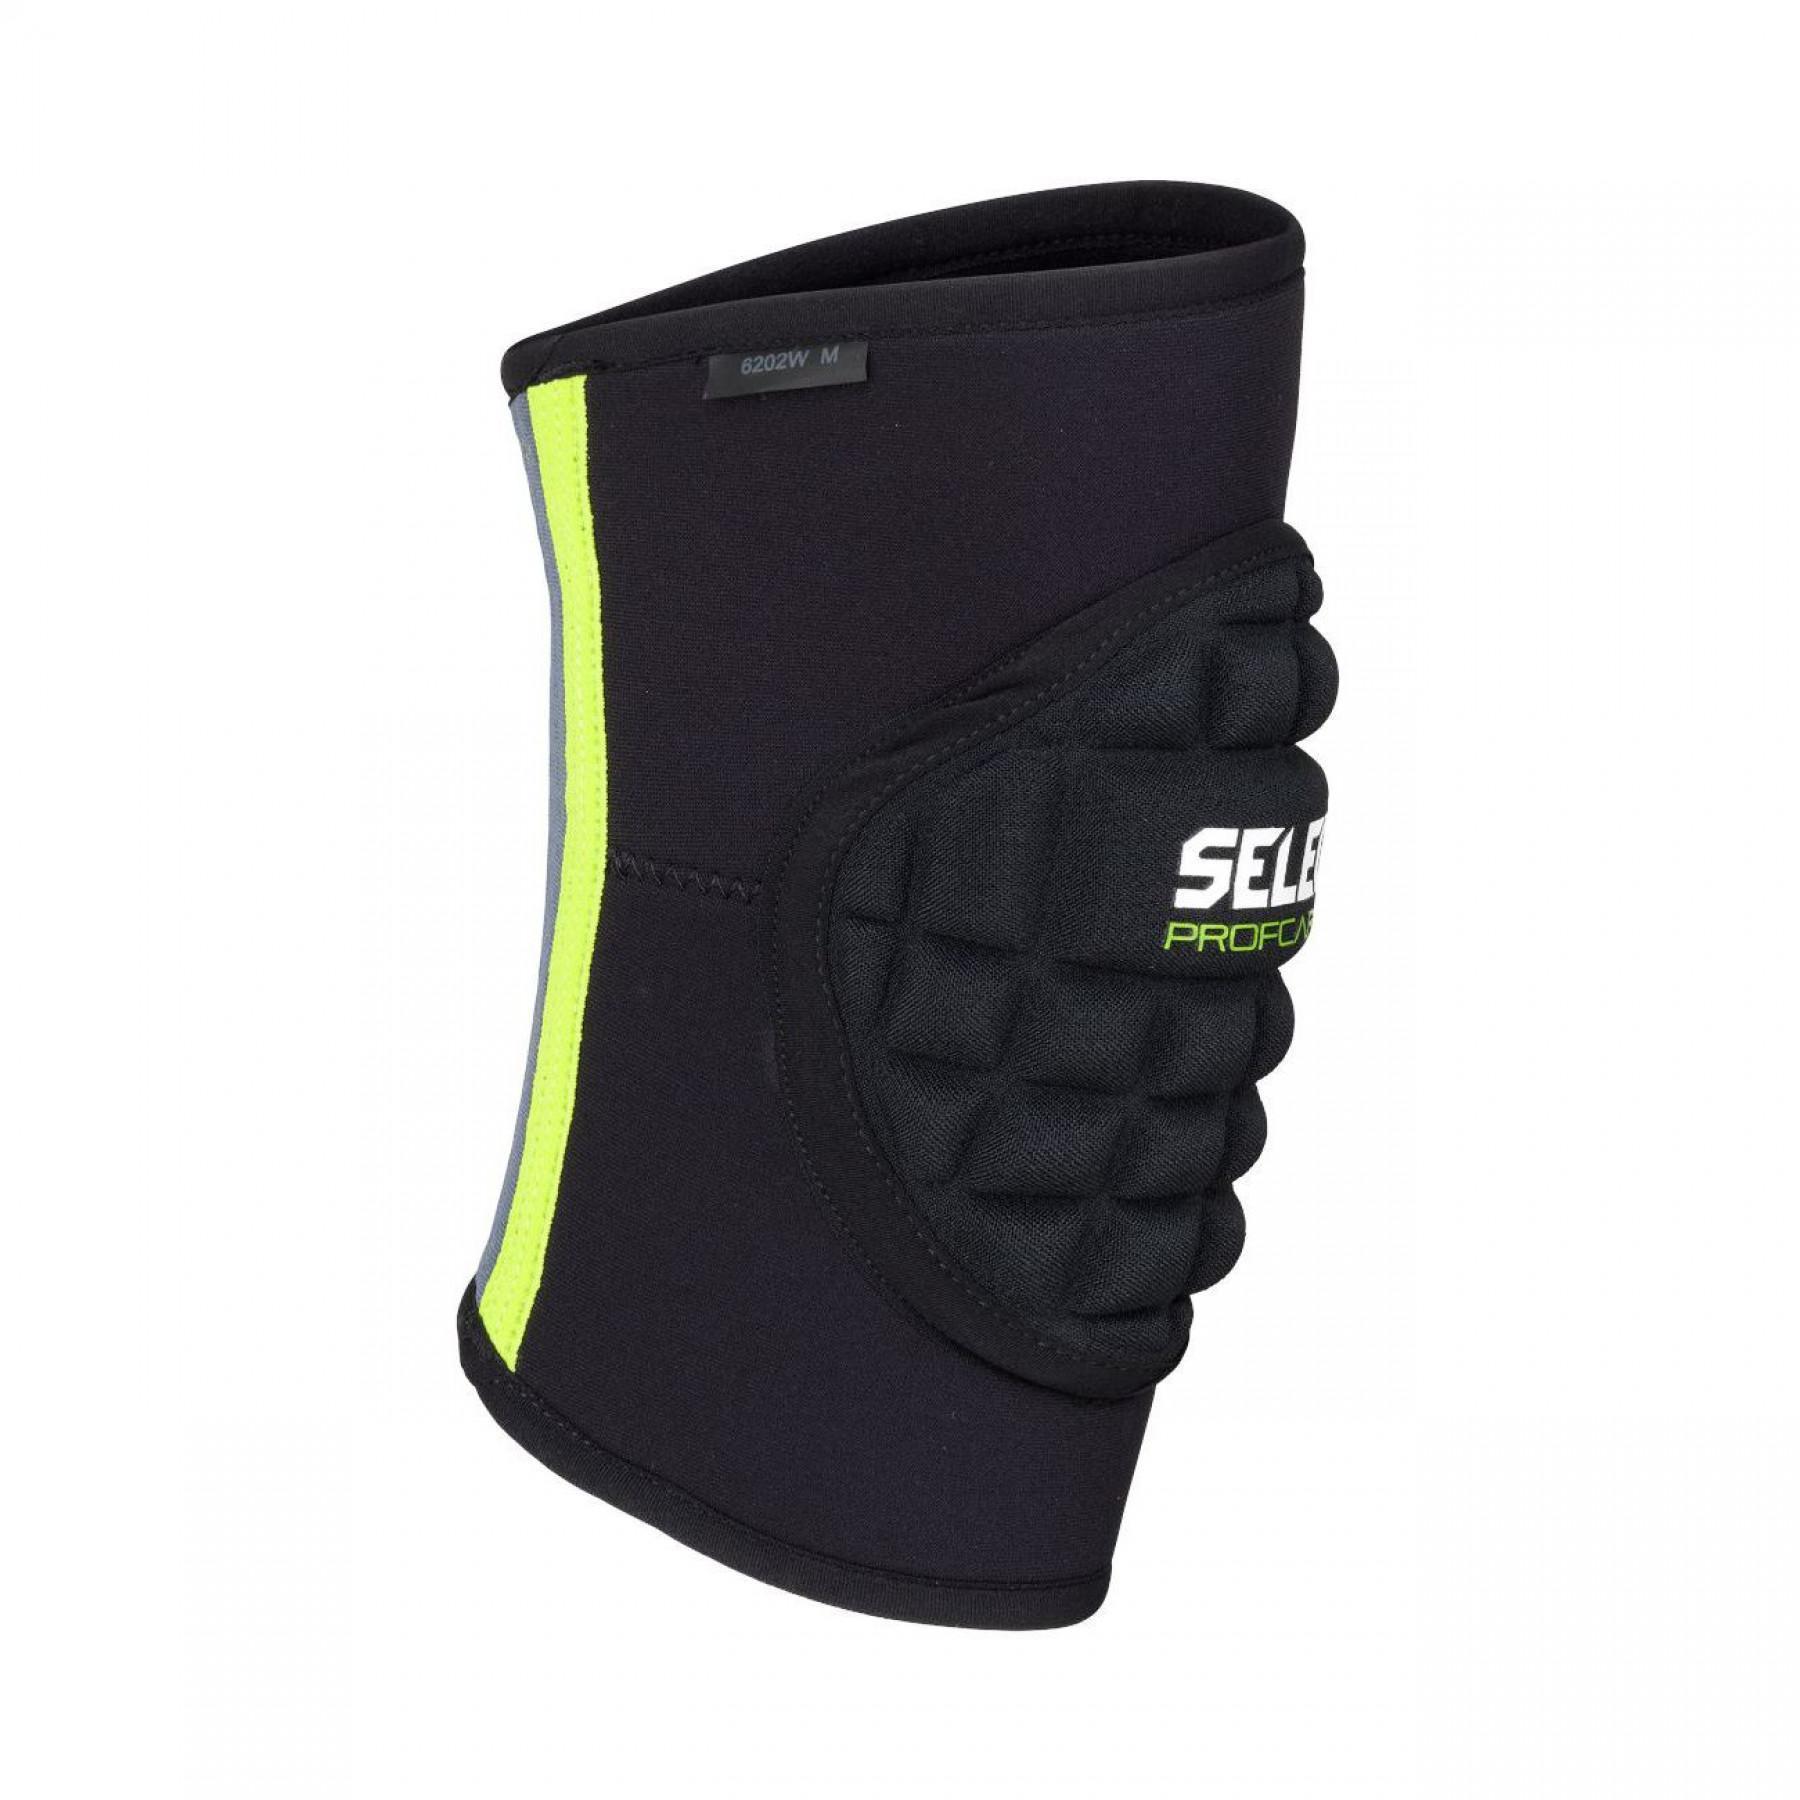 Women's knee brace Select 6202W